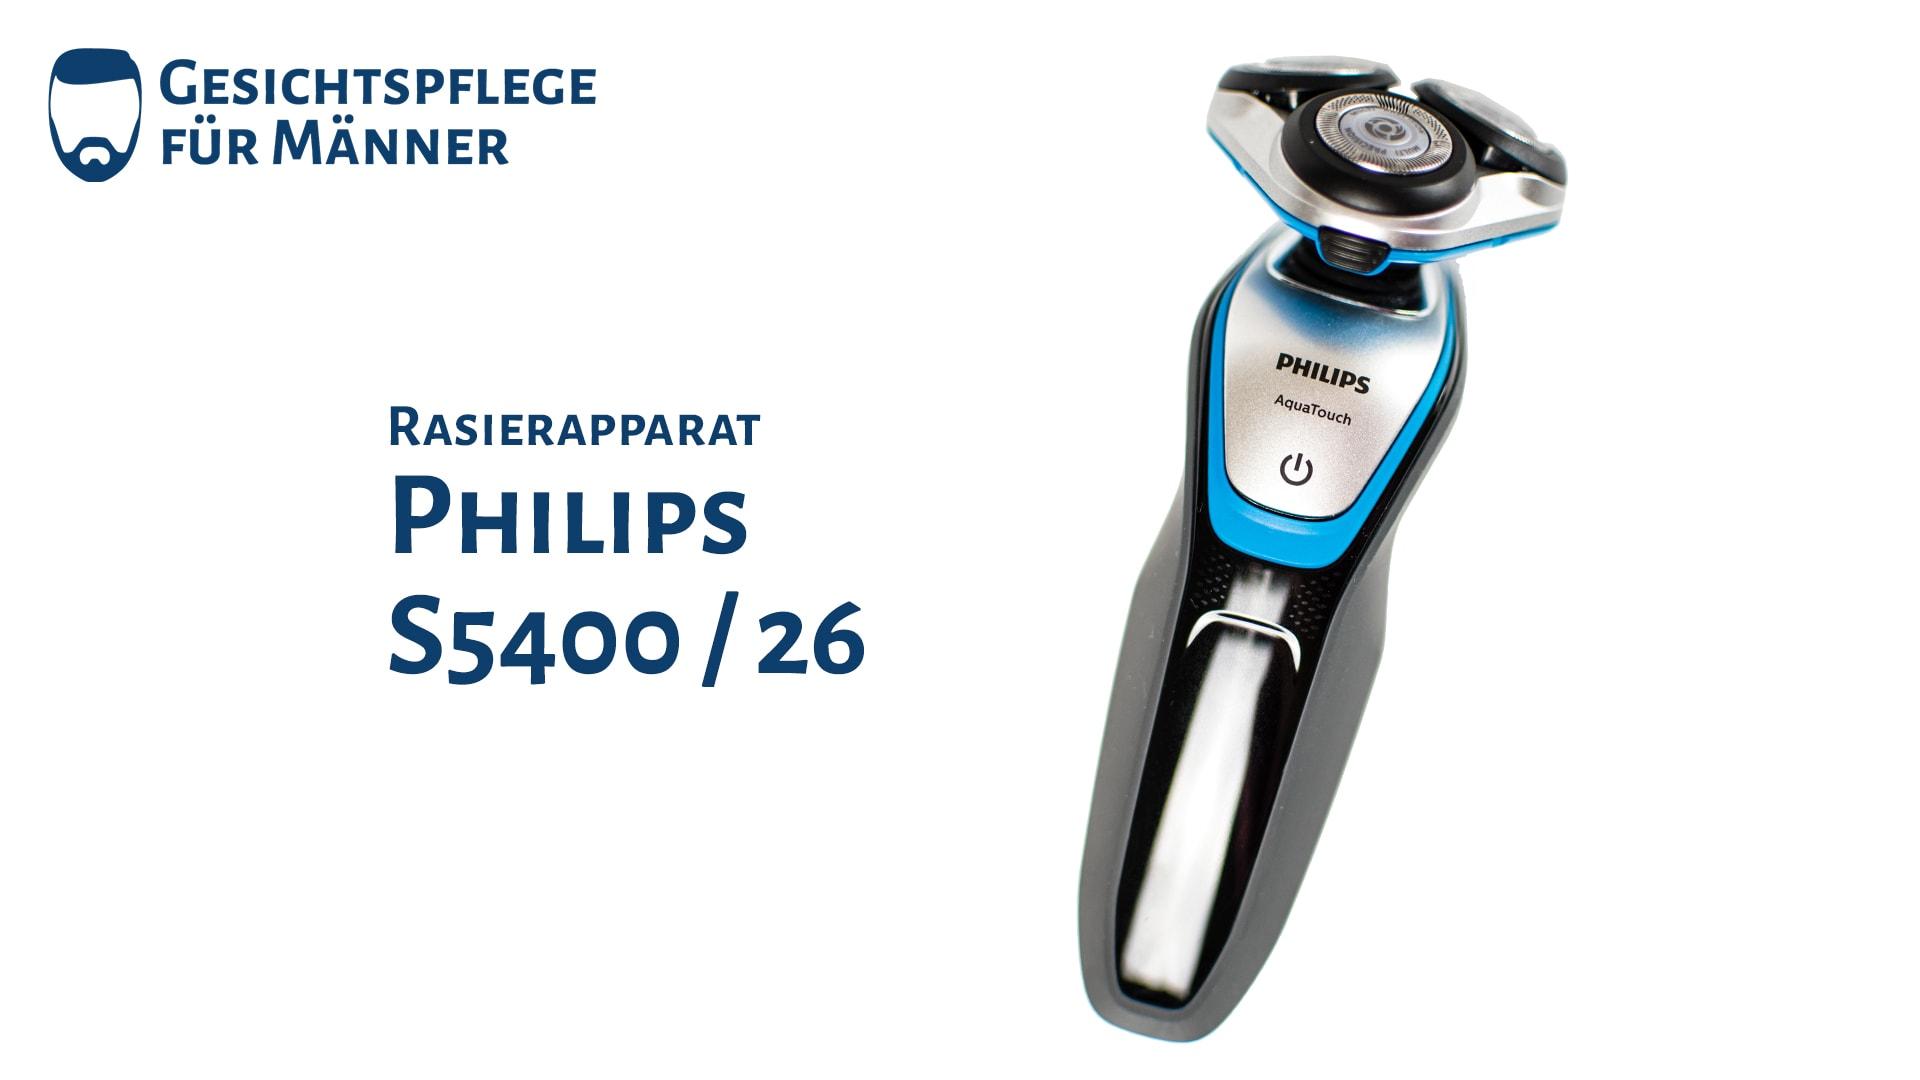 Titelbild zum Testbericht des Rasierapparates Philips S5400 / 26